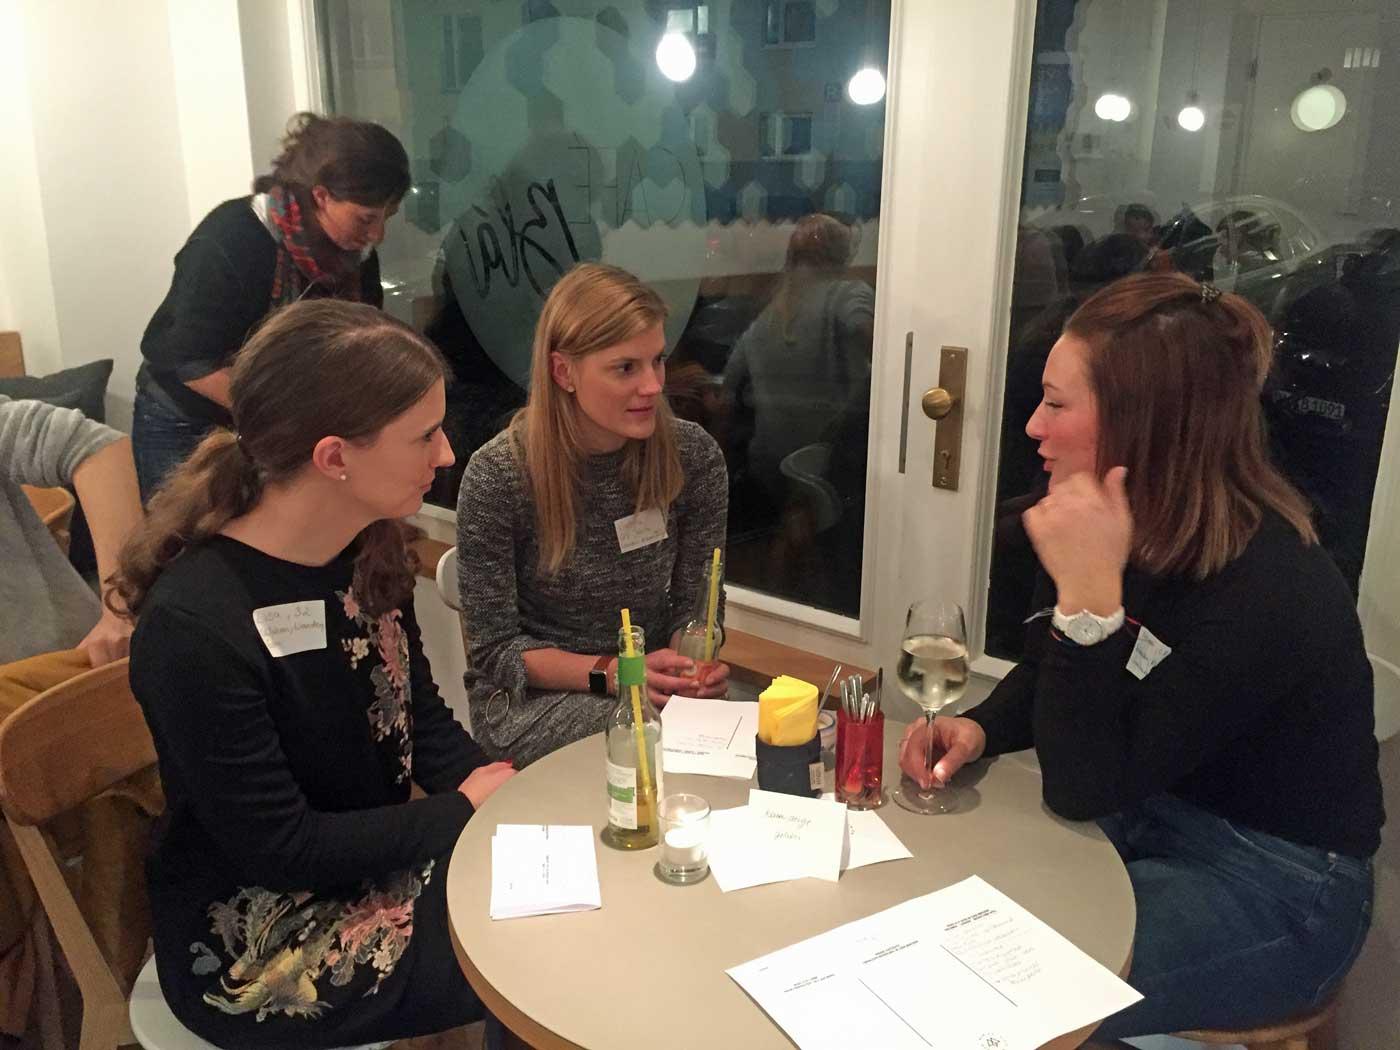 3-friends-stammtisch-munichmountaingirls-16-01-2018